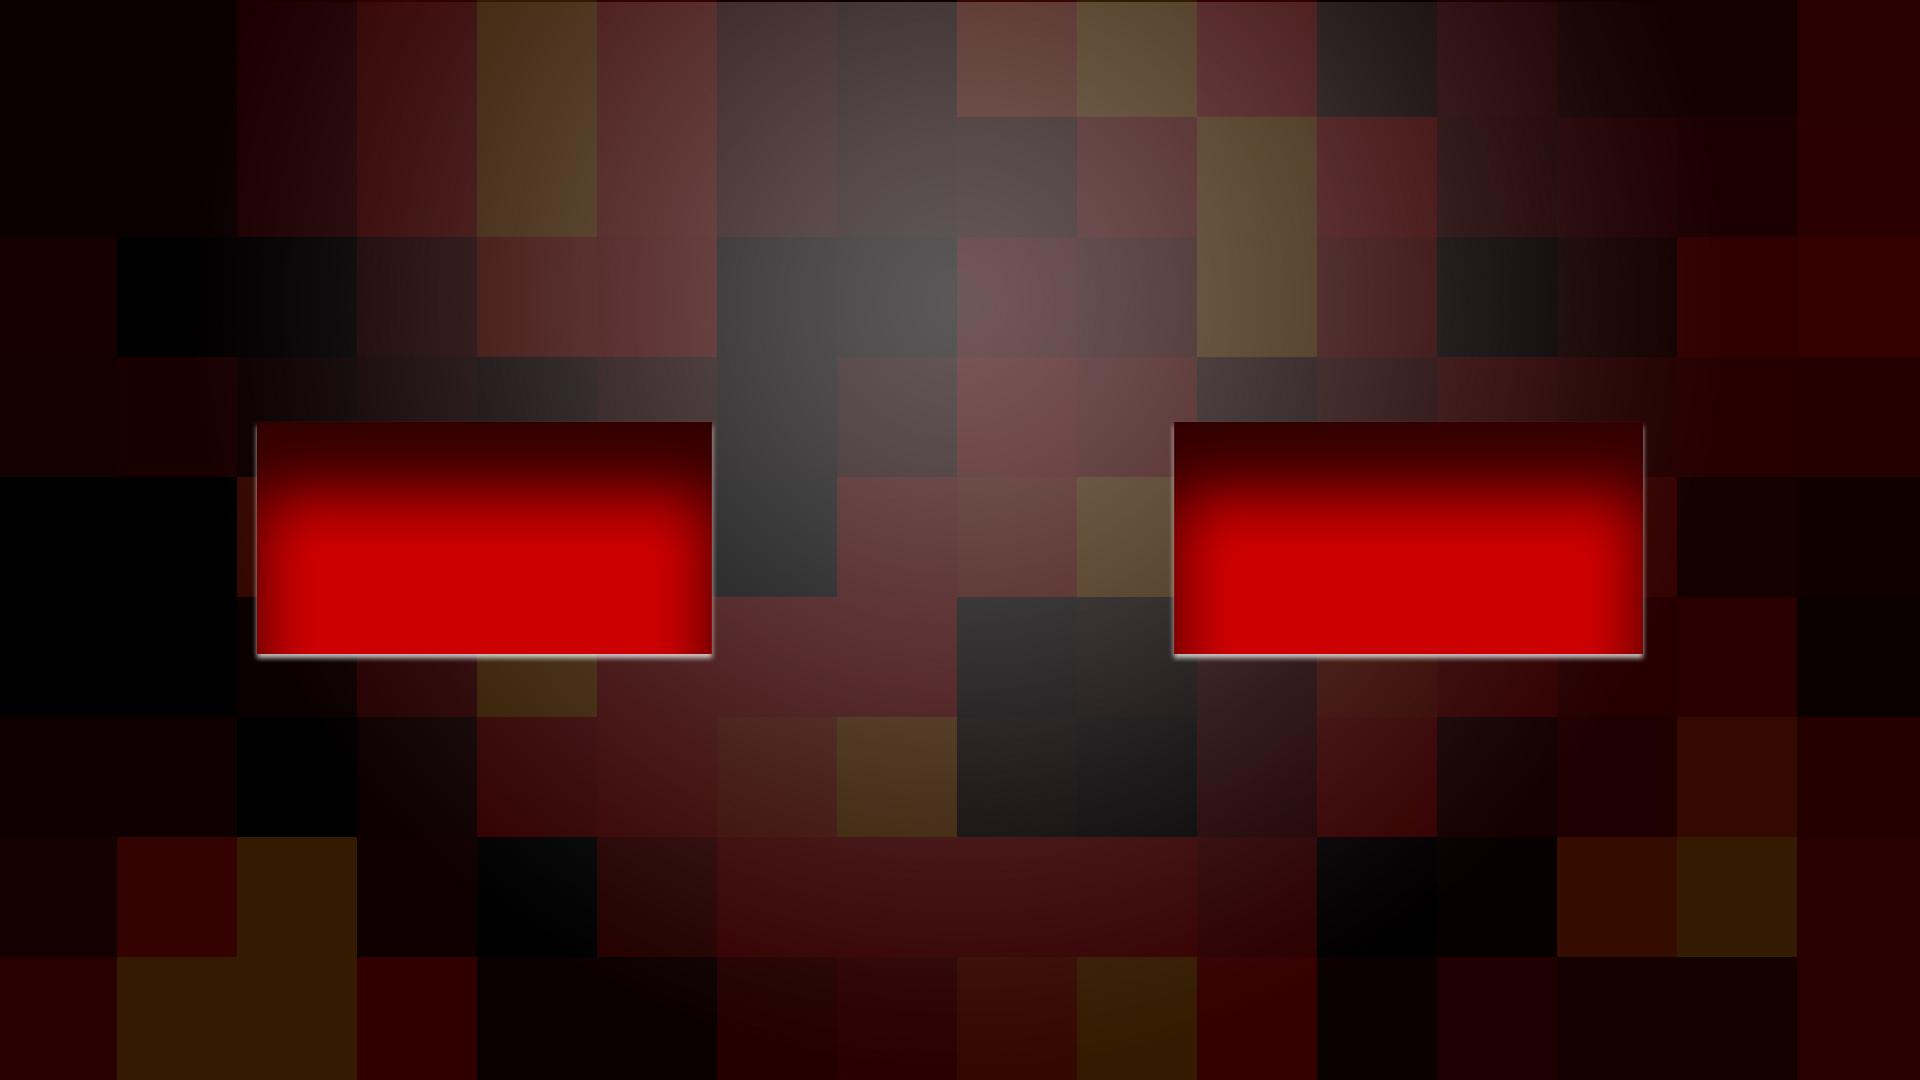 magma cube wallpaper by averagejoeftw on deviantart. Black Bedroom Furniture Sets. Home Design Ideas